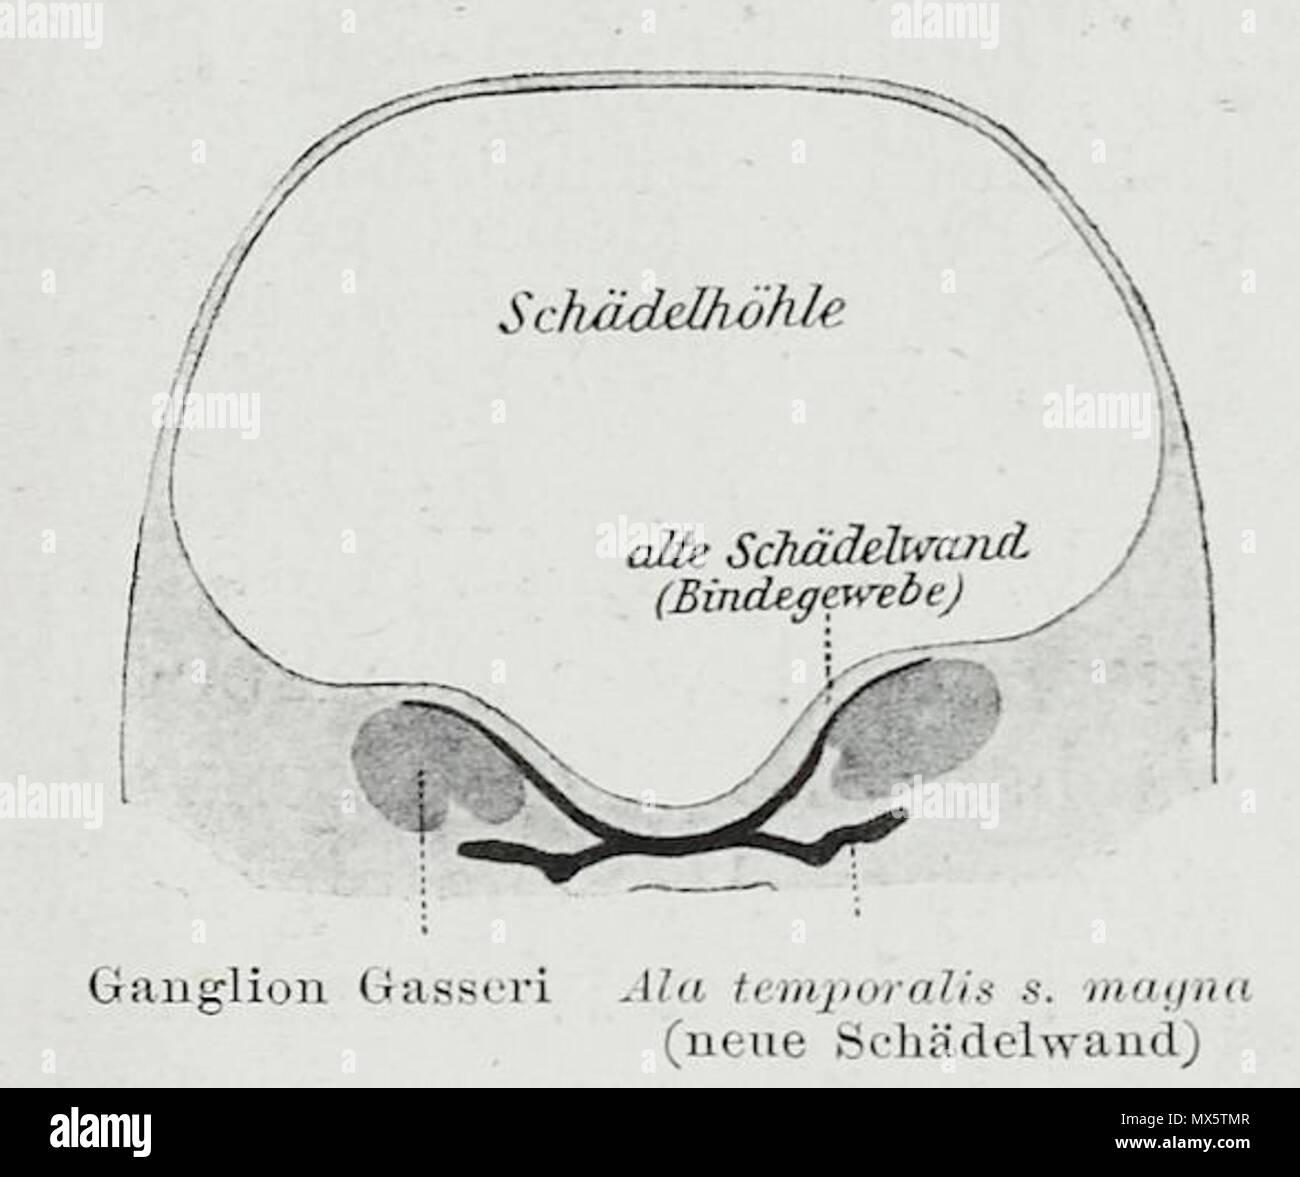 Groß Schädelhöhle Anatomie Ideen - Menschliche Anatomie Bilder ...